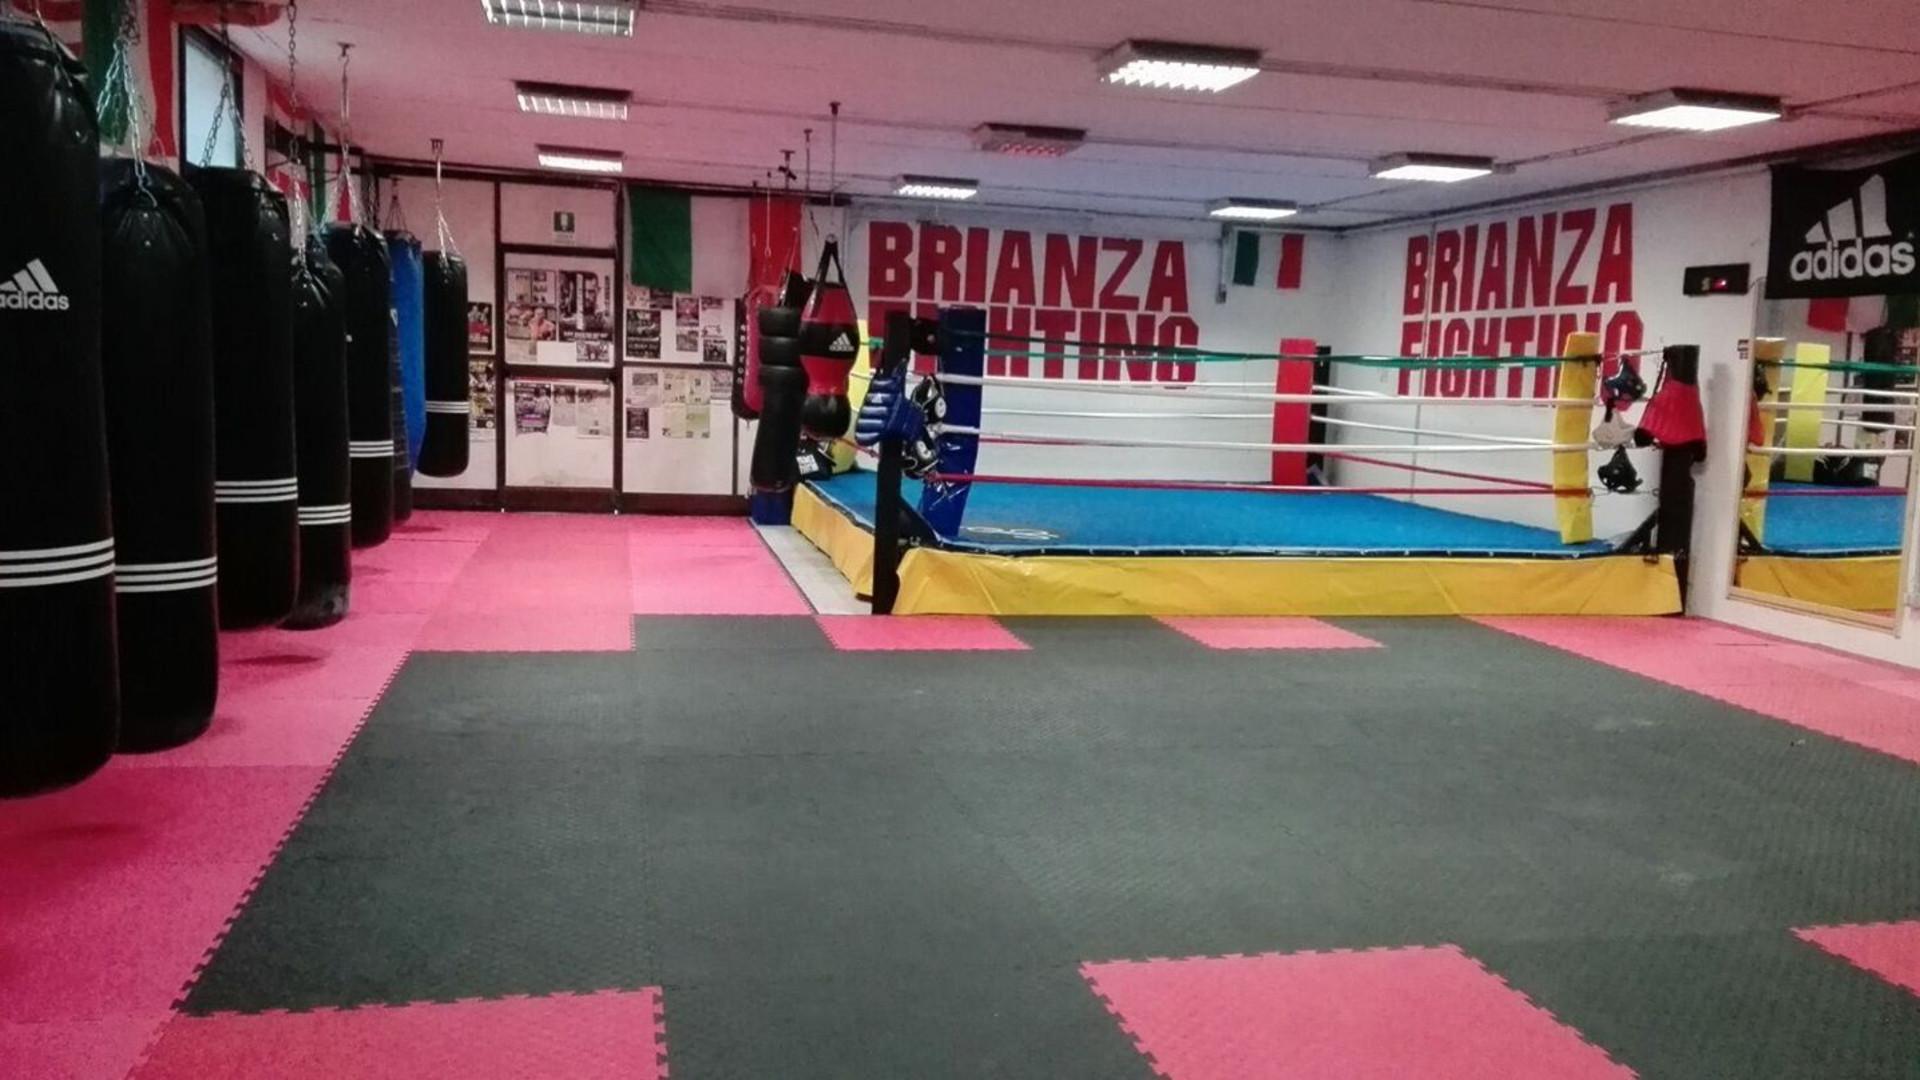 Brianza Fighting